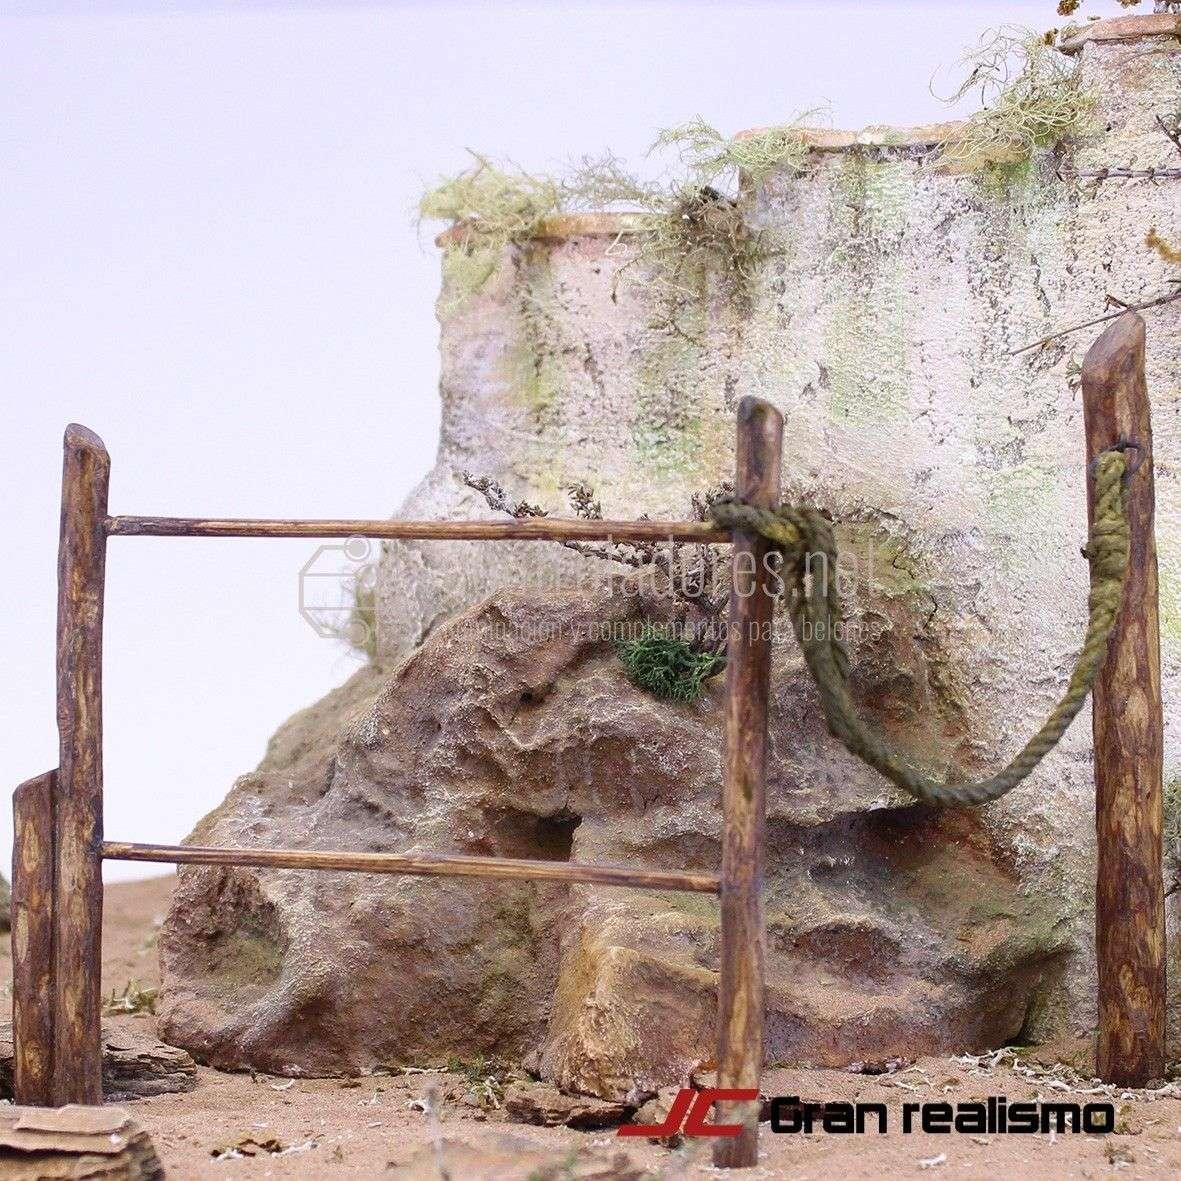 Valla de camino en madera de olivo encordada 22x12